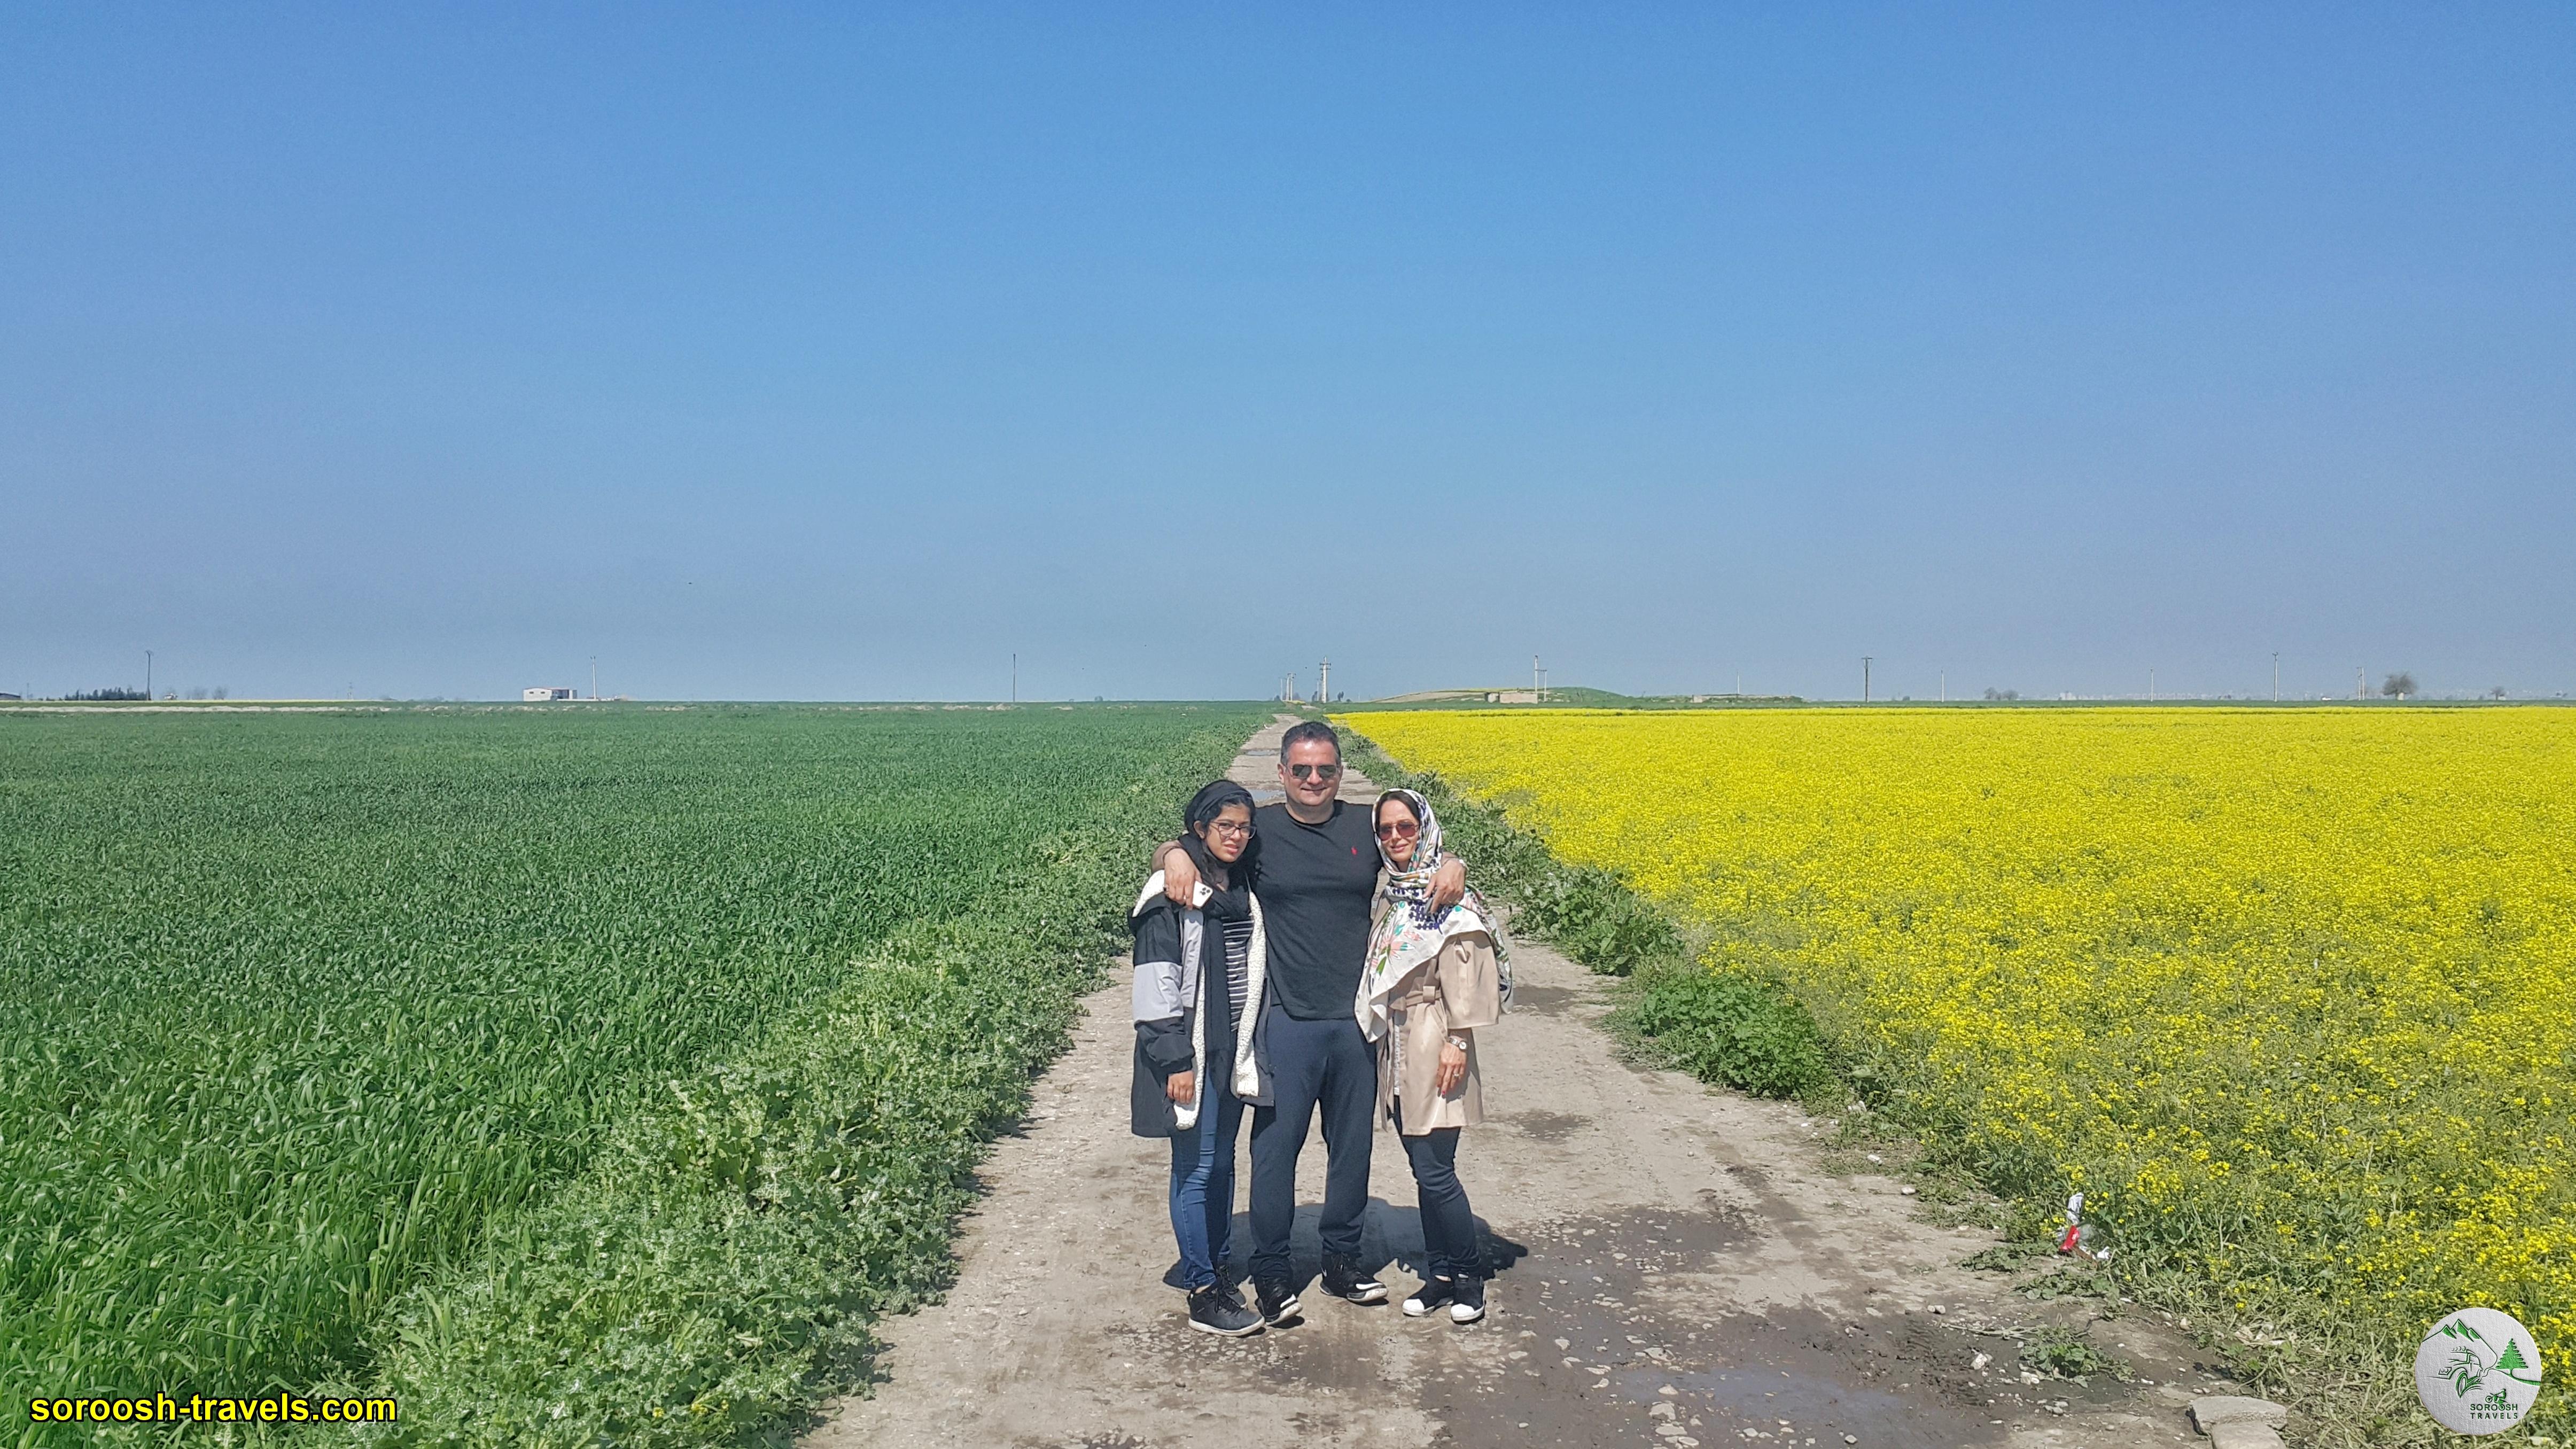 مزارع سرسبز در شمال ایران - نوروز 1400